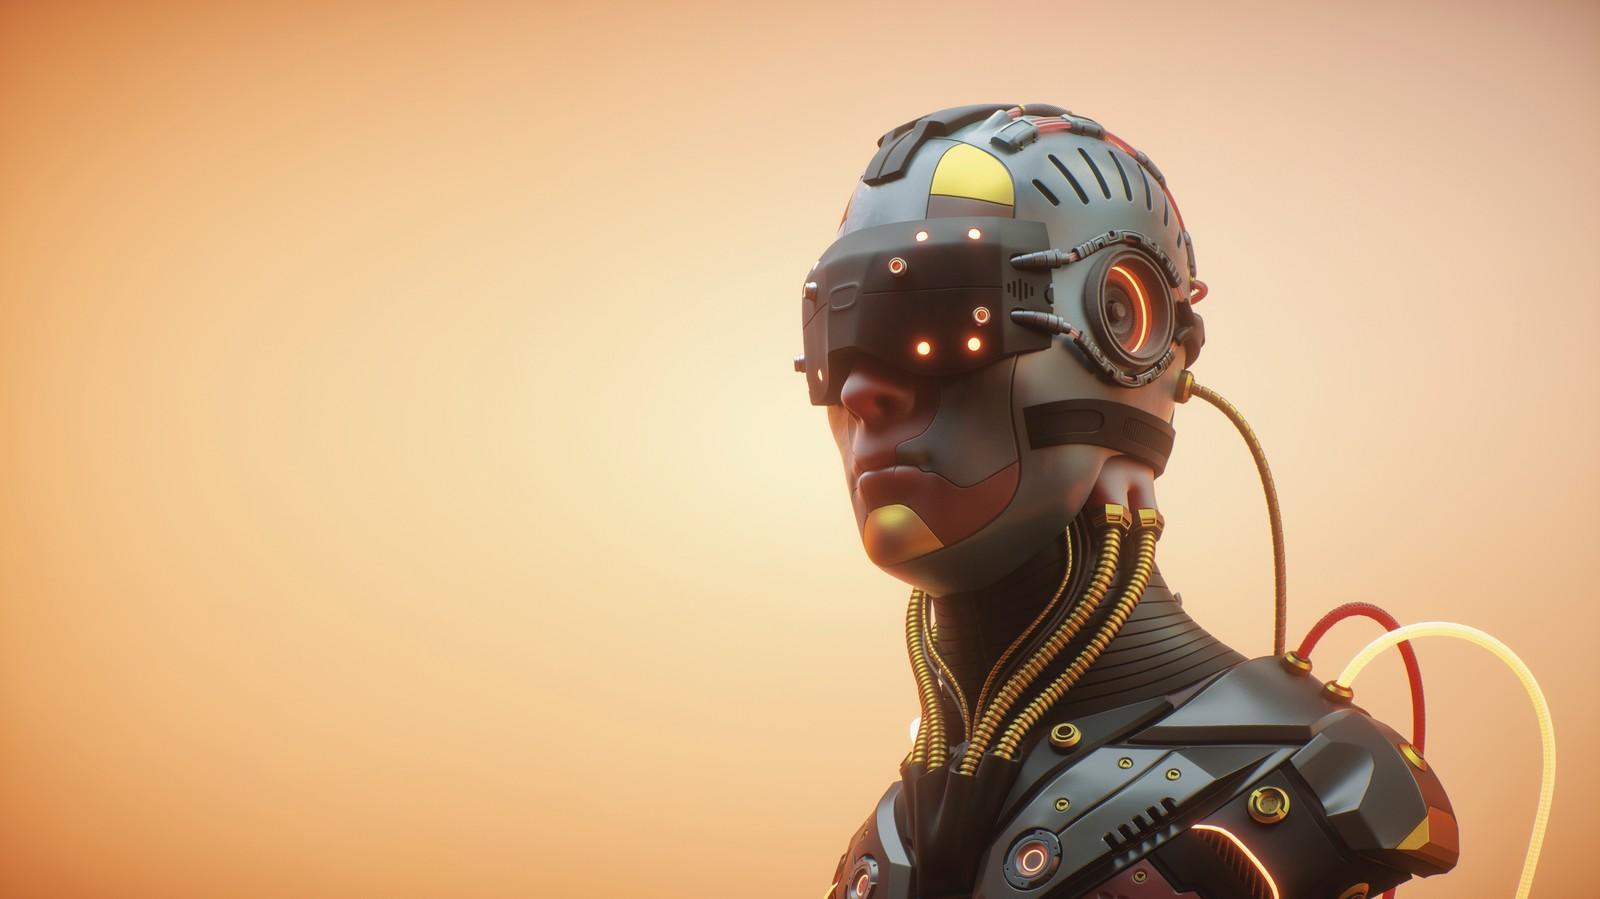 Le plan machiavélique du Pentagone avec ses super soldats cyborgs